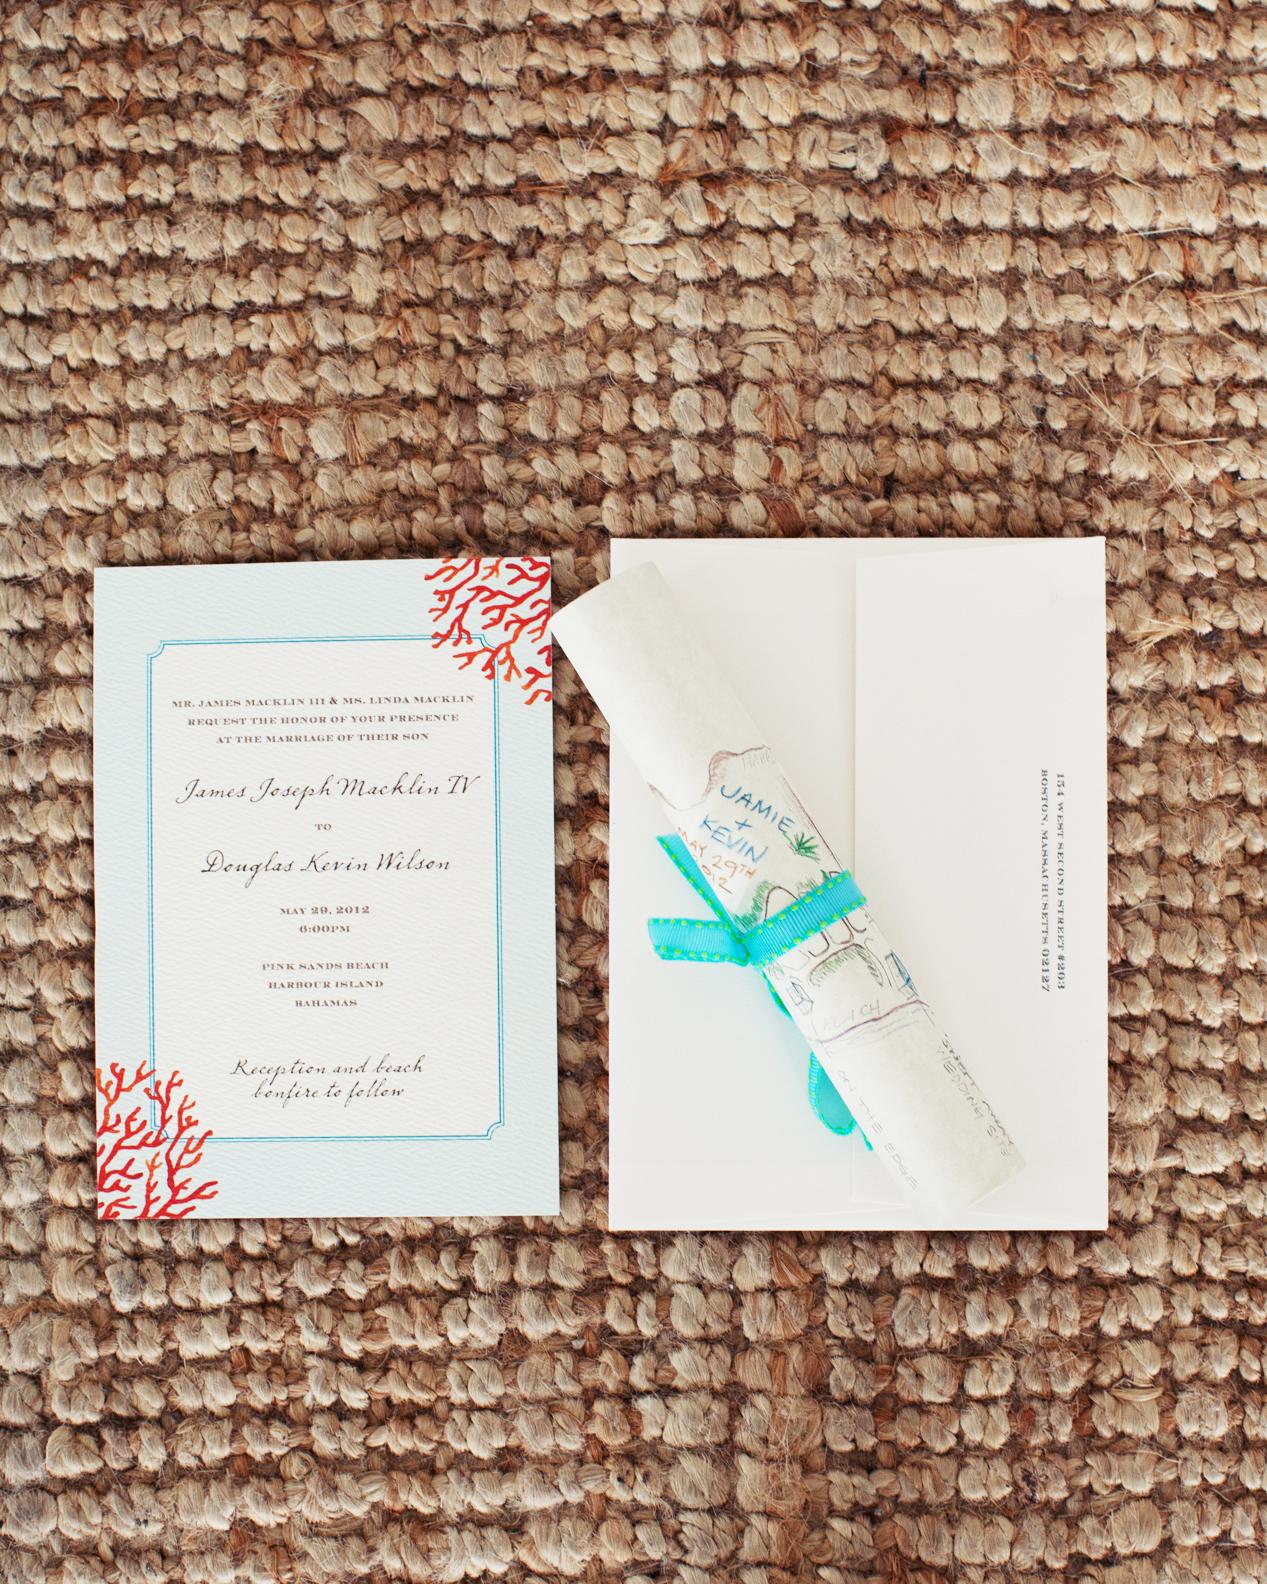 real-weddings-kevin-jamie-05292012wd-jk0203.jpg